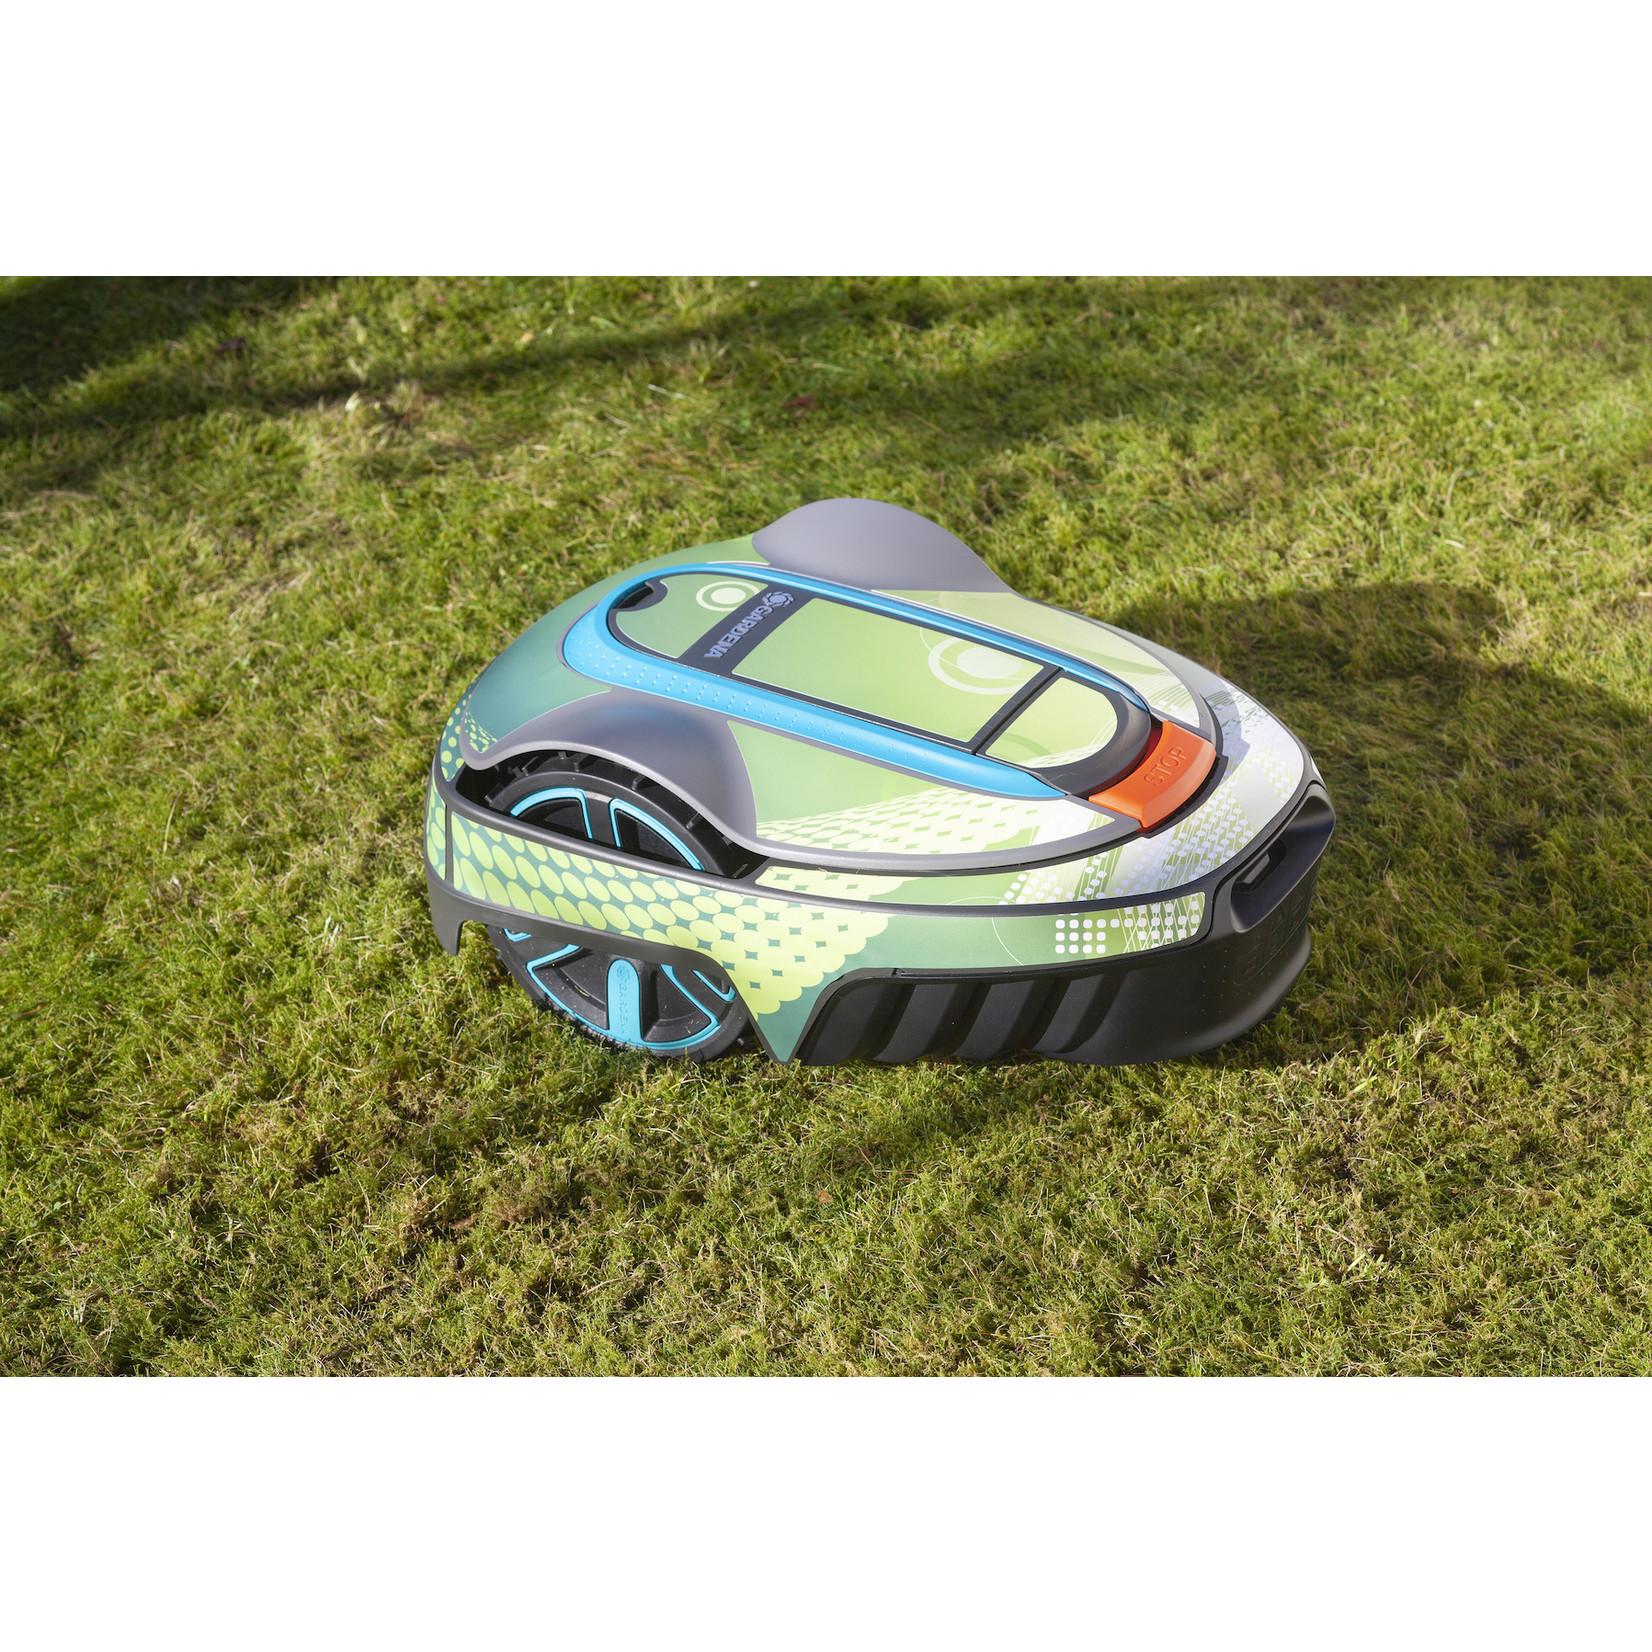 Twinckels Twinckels outfit voor Gardena Robotmaaier Sileno - Geo Regenboog